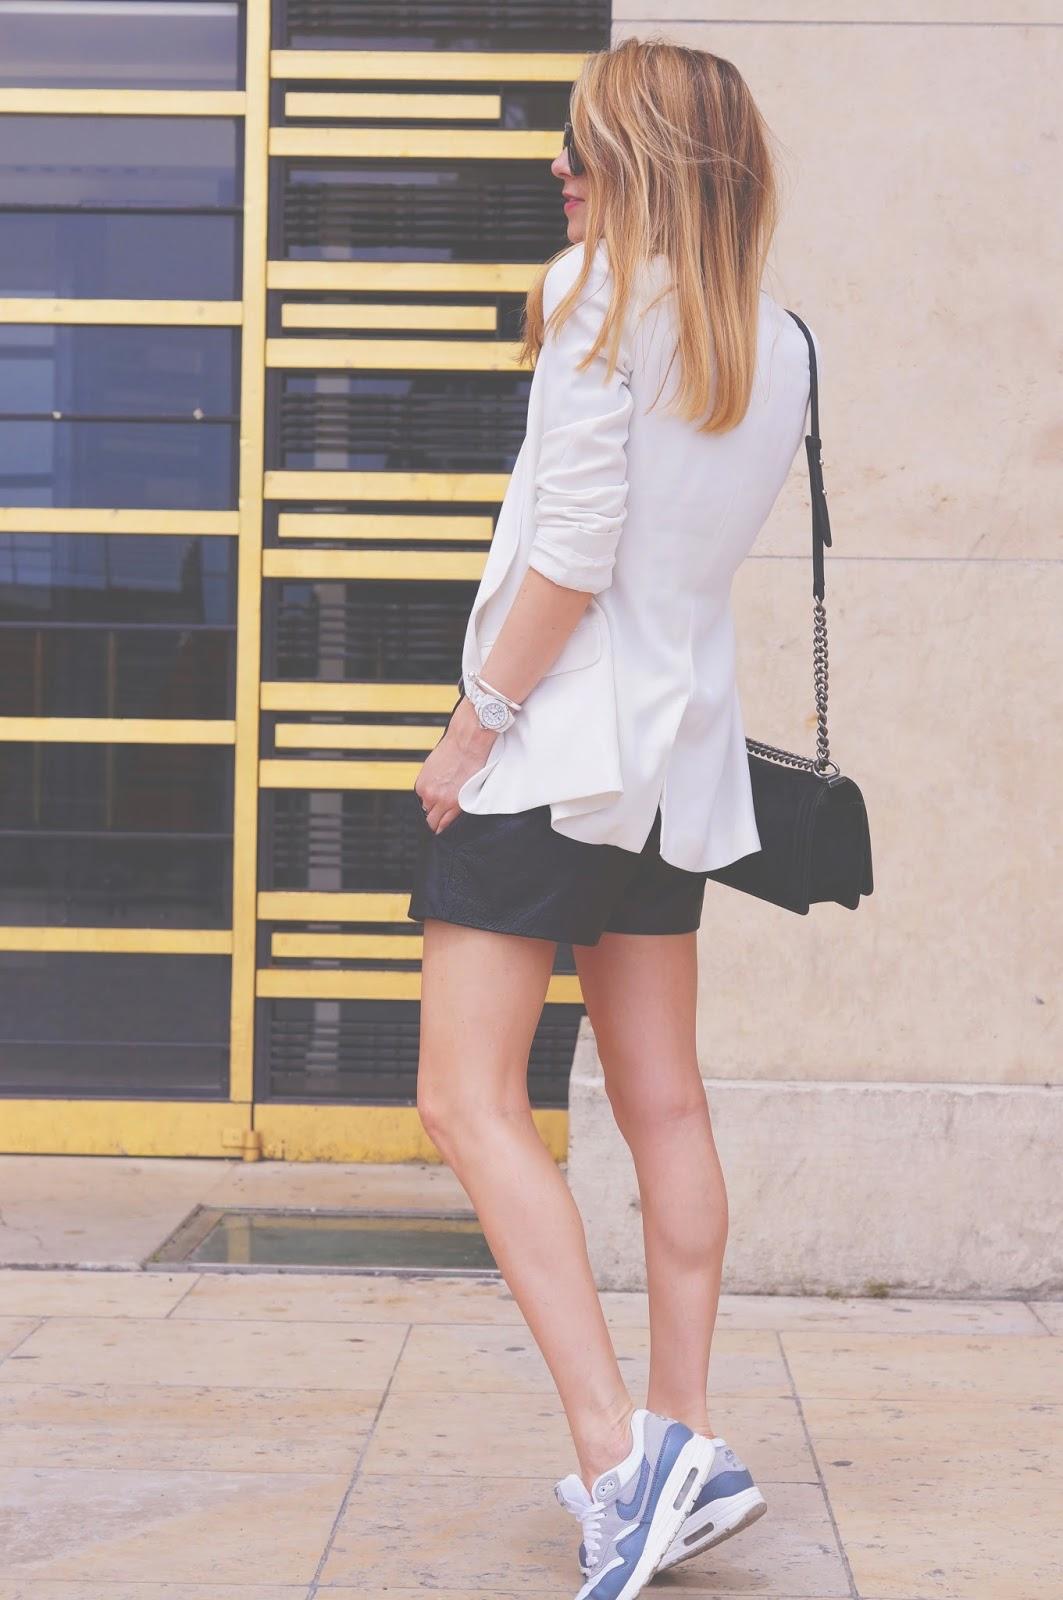 streetstyle, fashionblogger, parisienne, nike, isabel marant, chanel